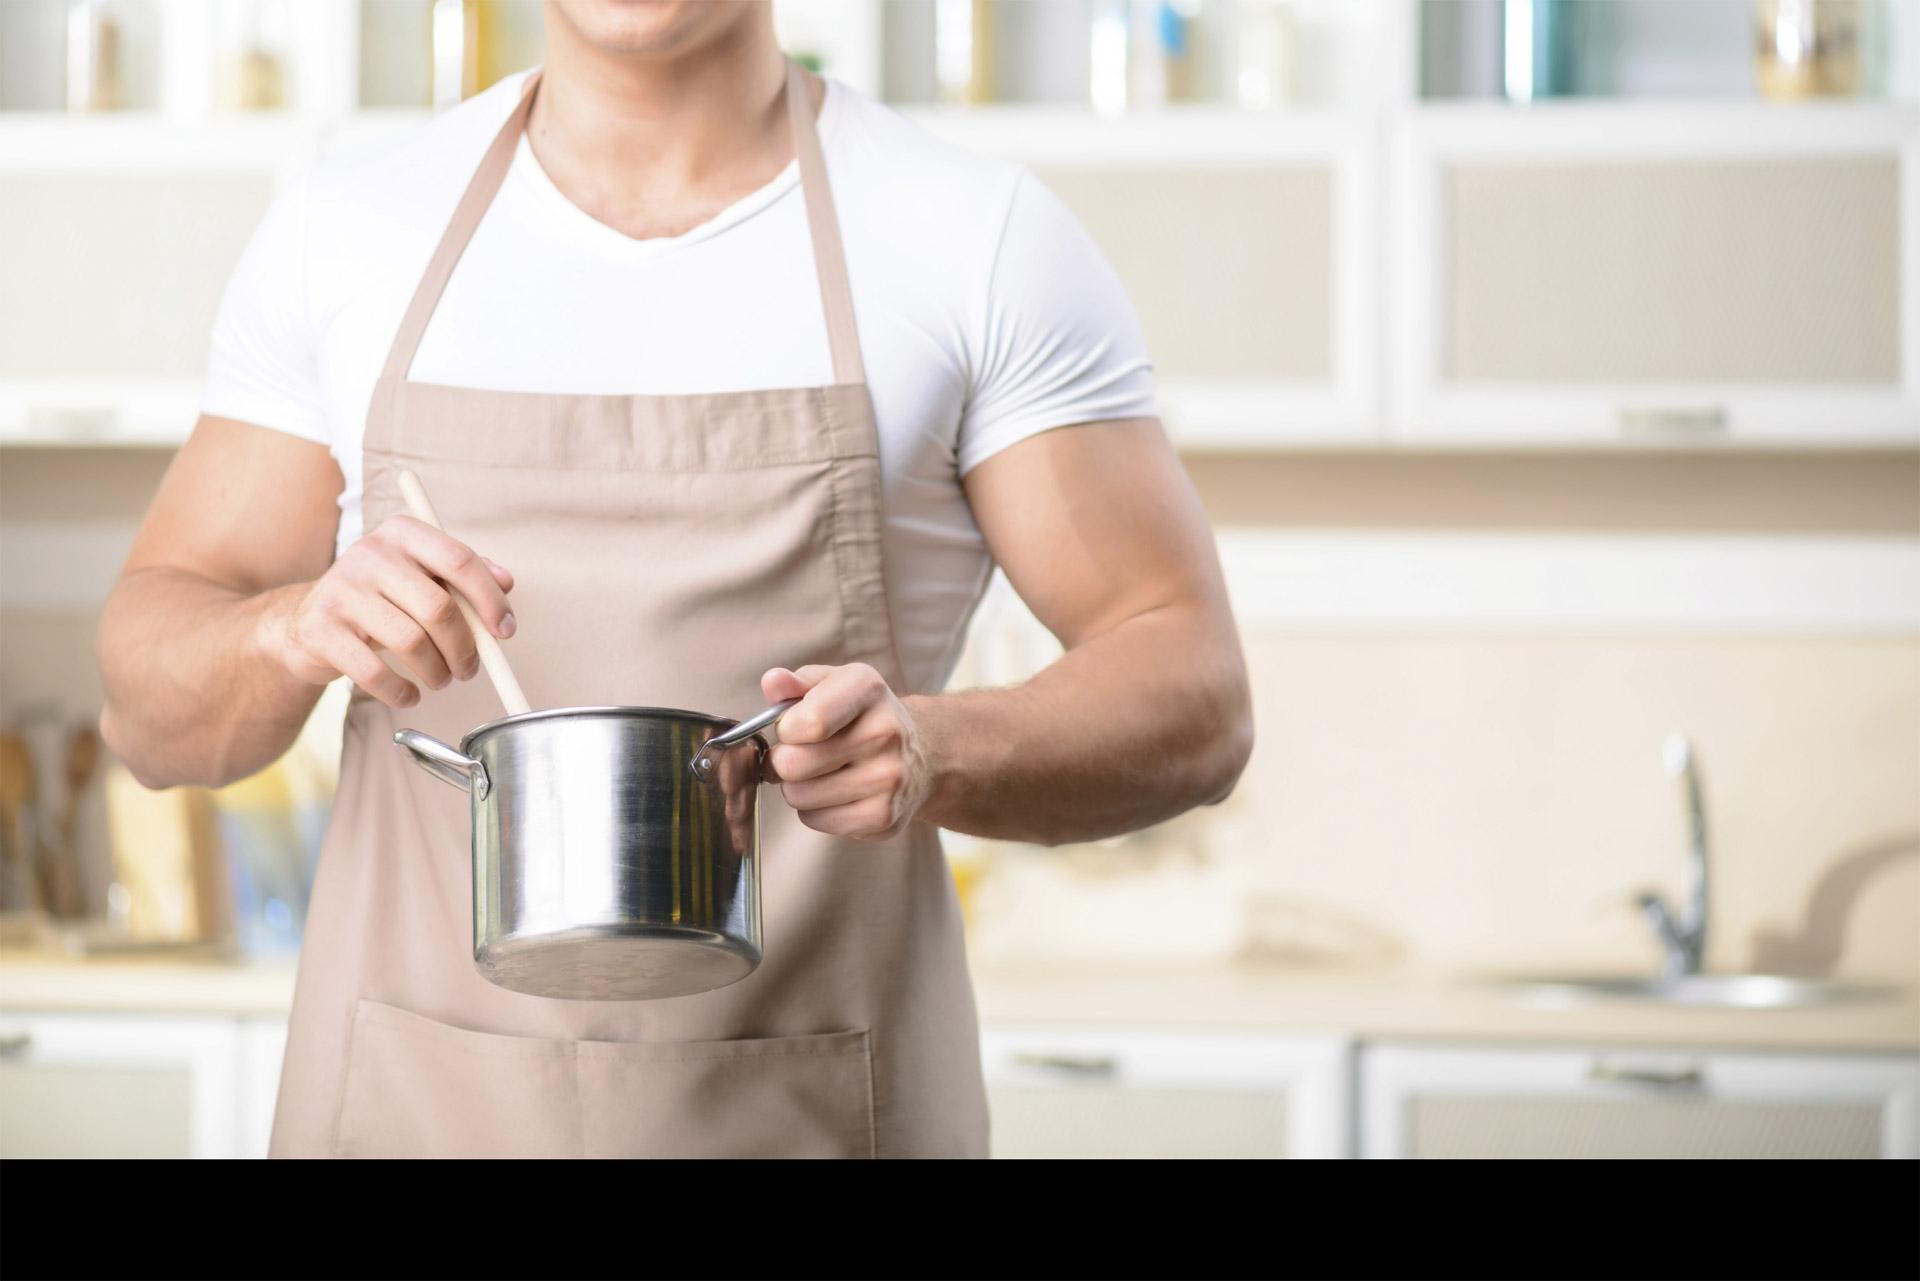 Sentenció que el cocinero podrá flexibilizar su horario sin ser penalizado